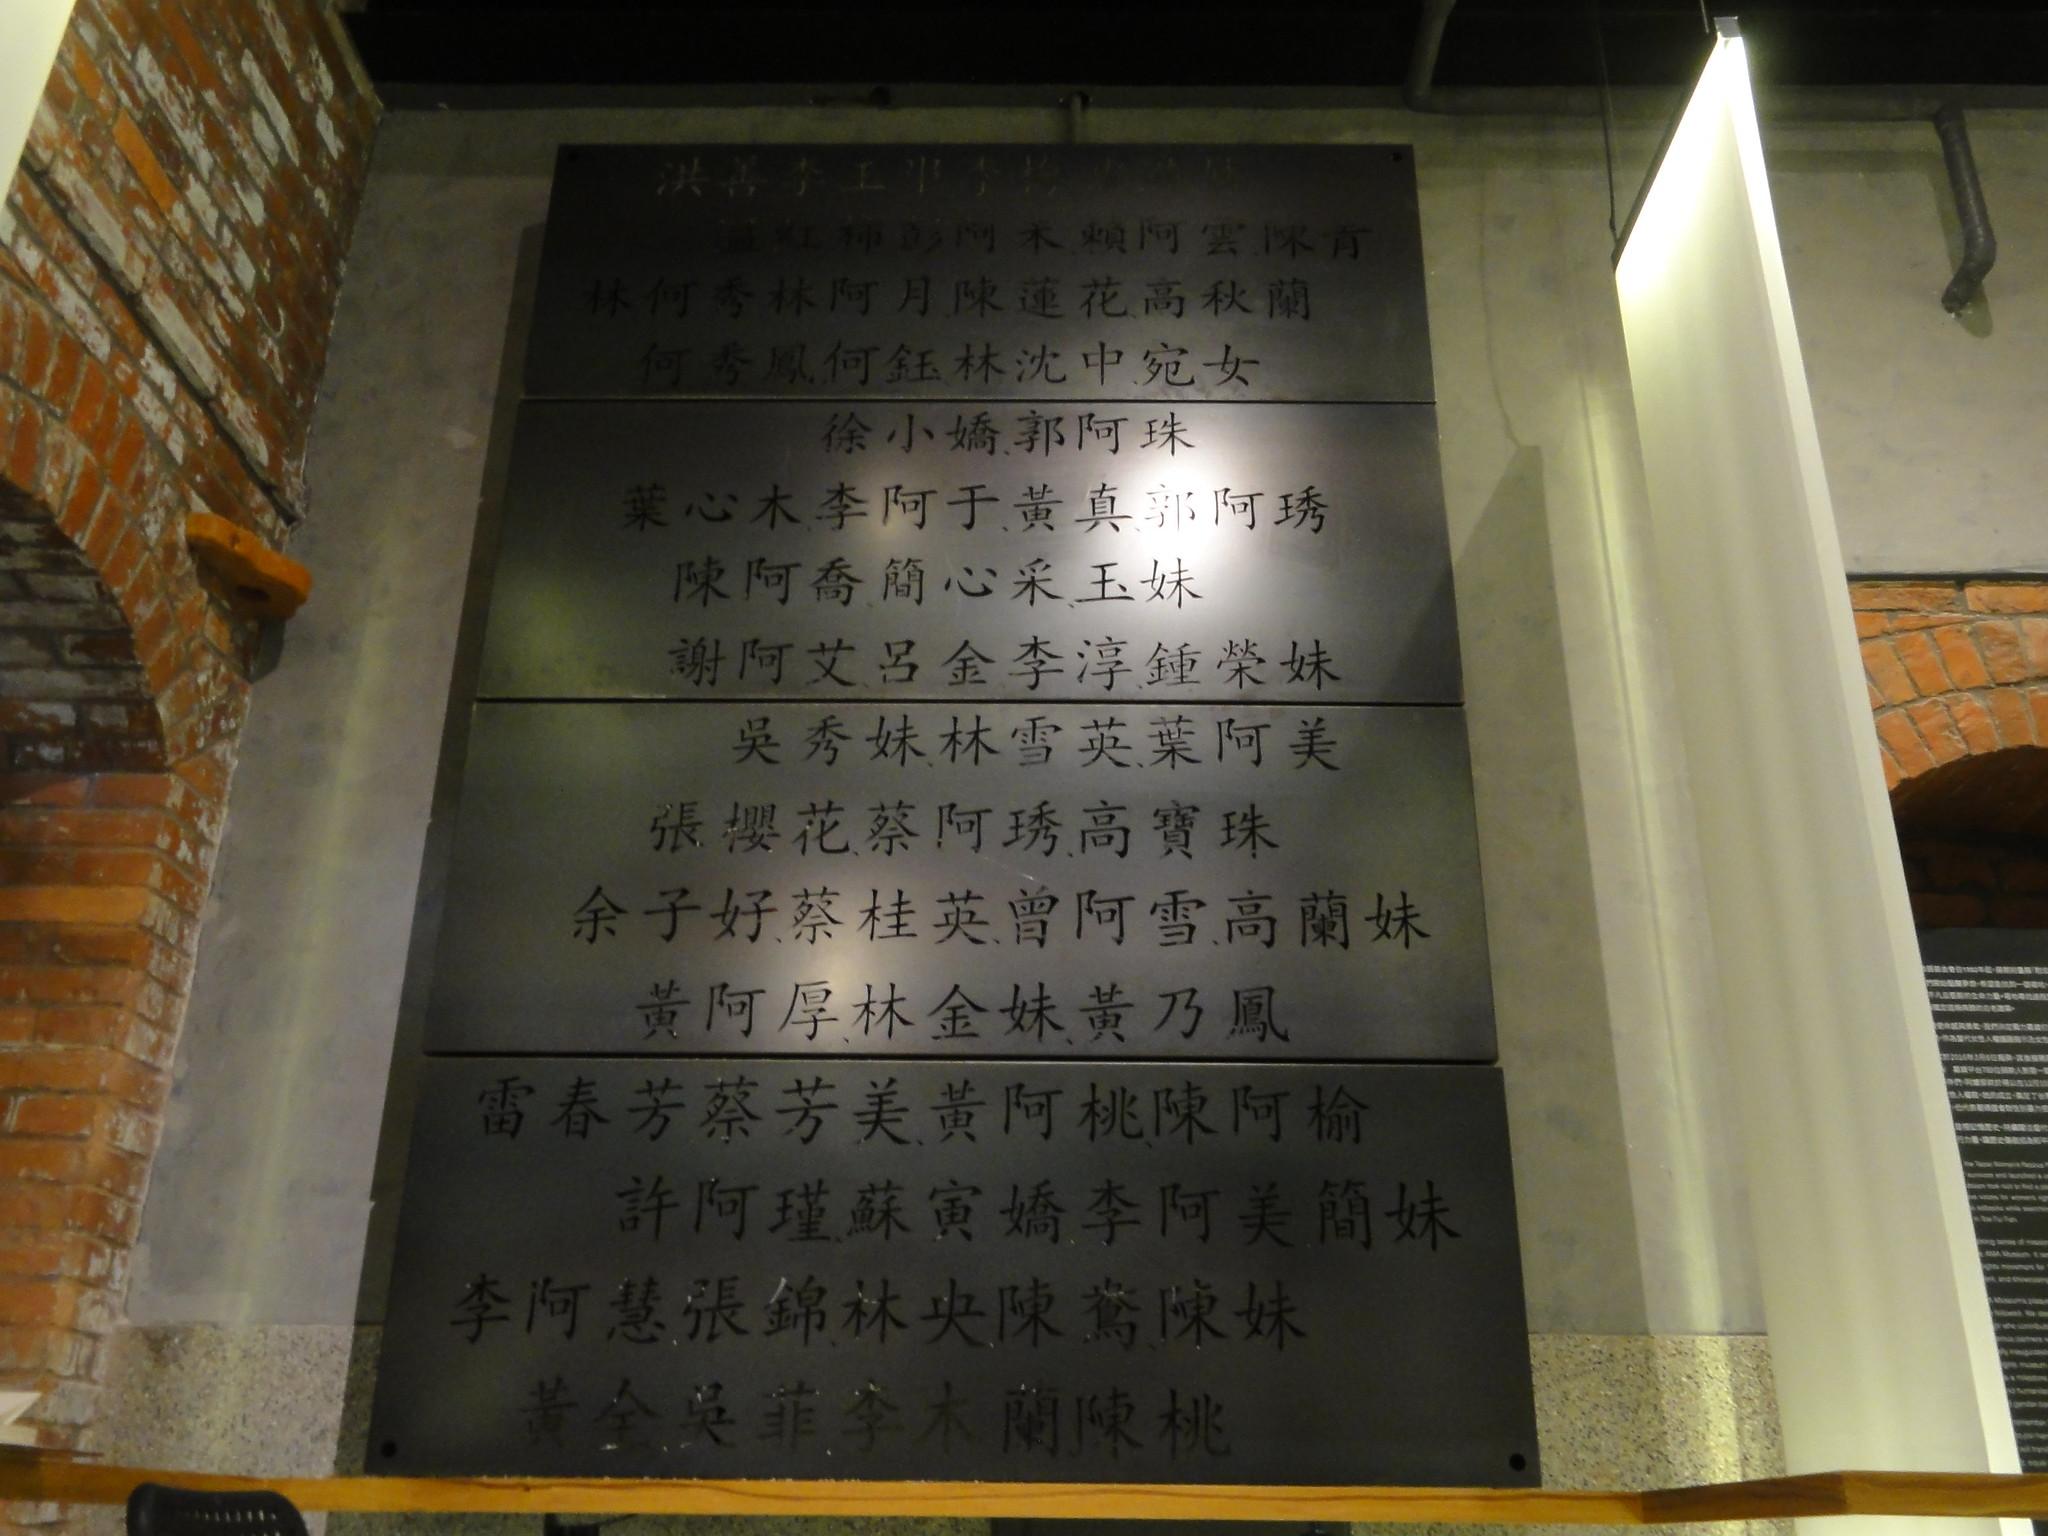 """刻着已知59位台籍""""慰安妇""""姓名的金属板。(摄影:张智琦)"""